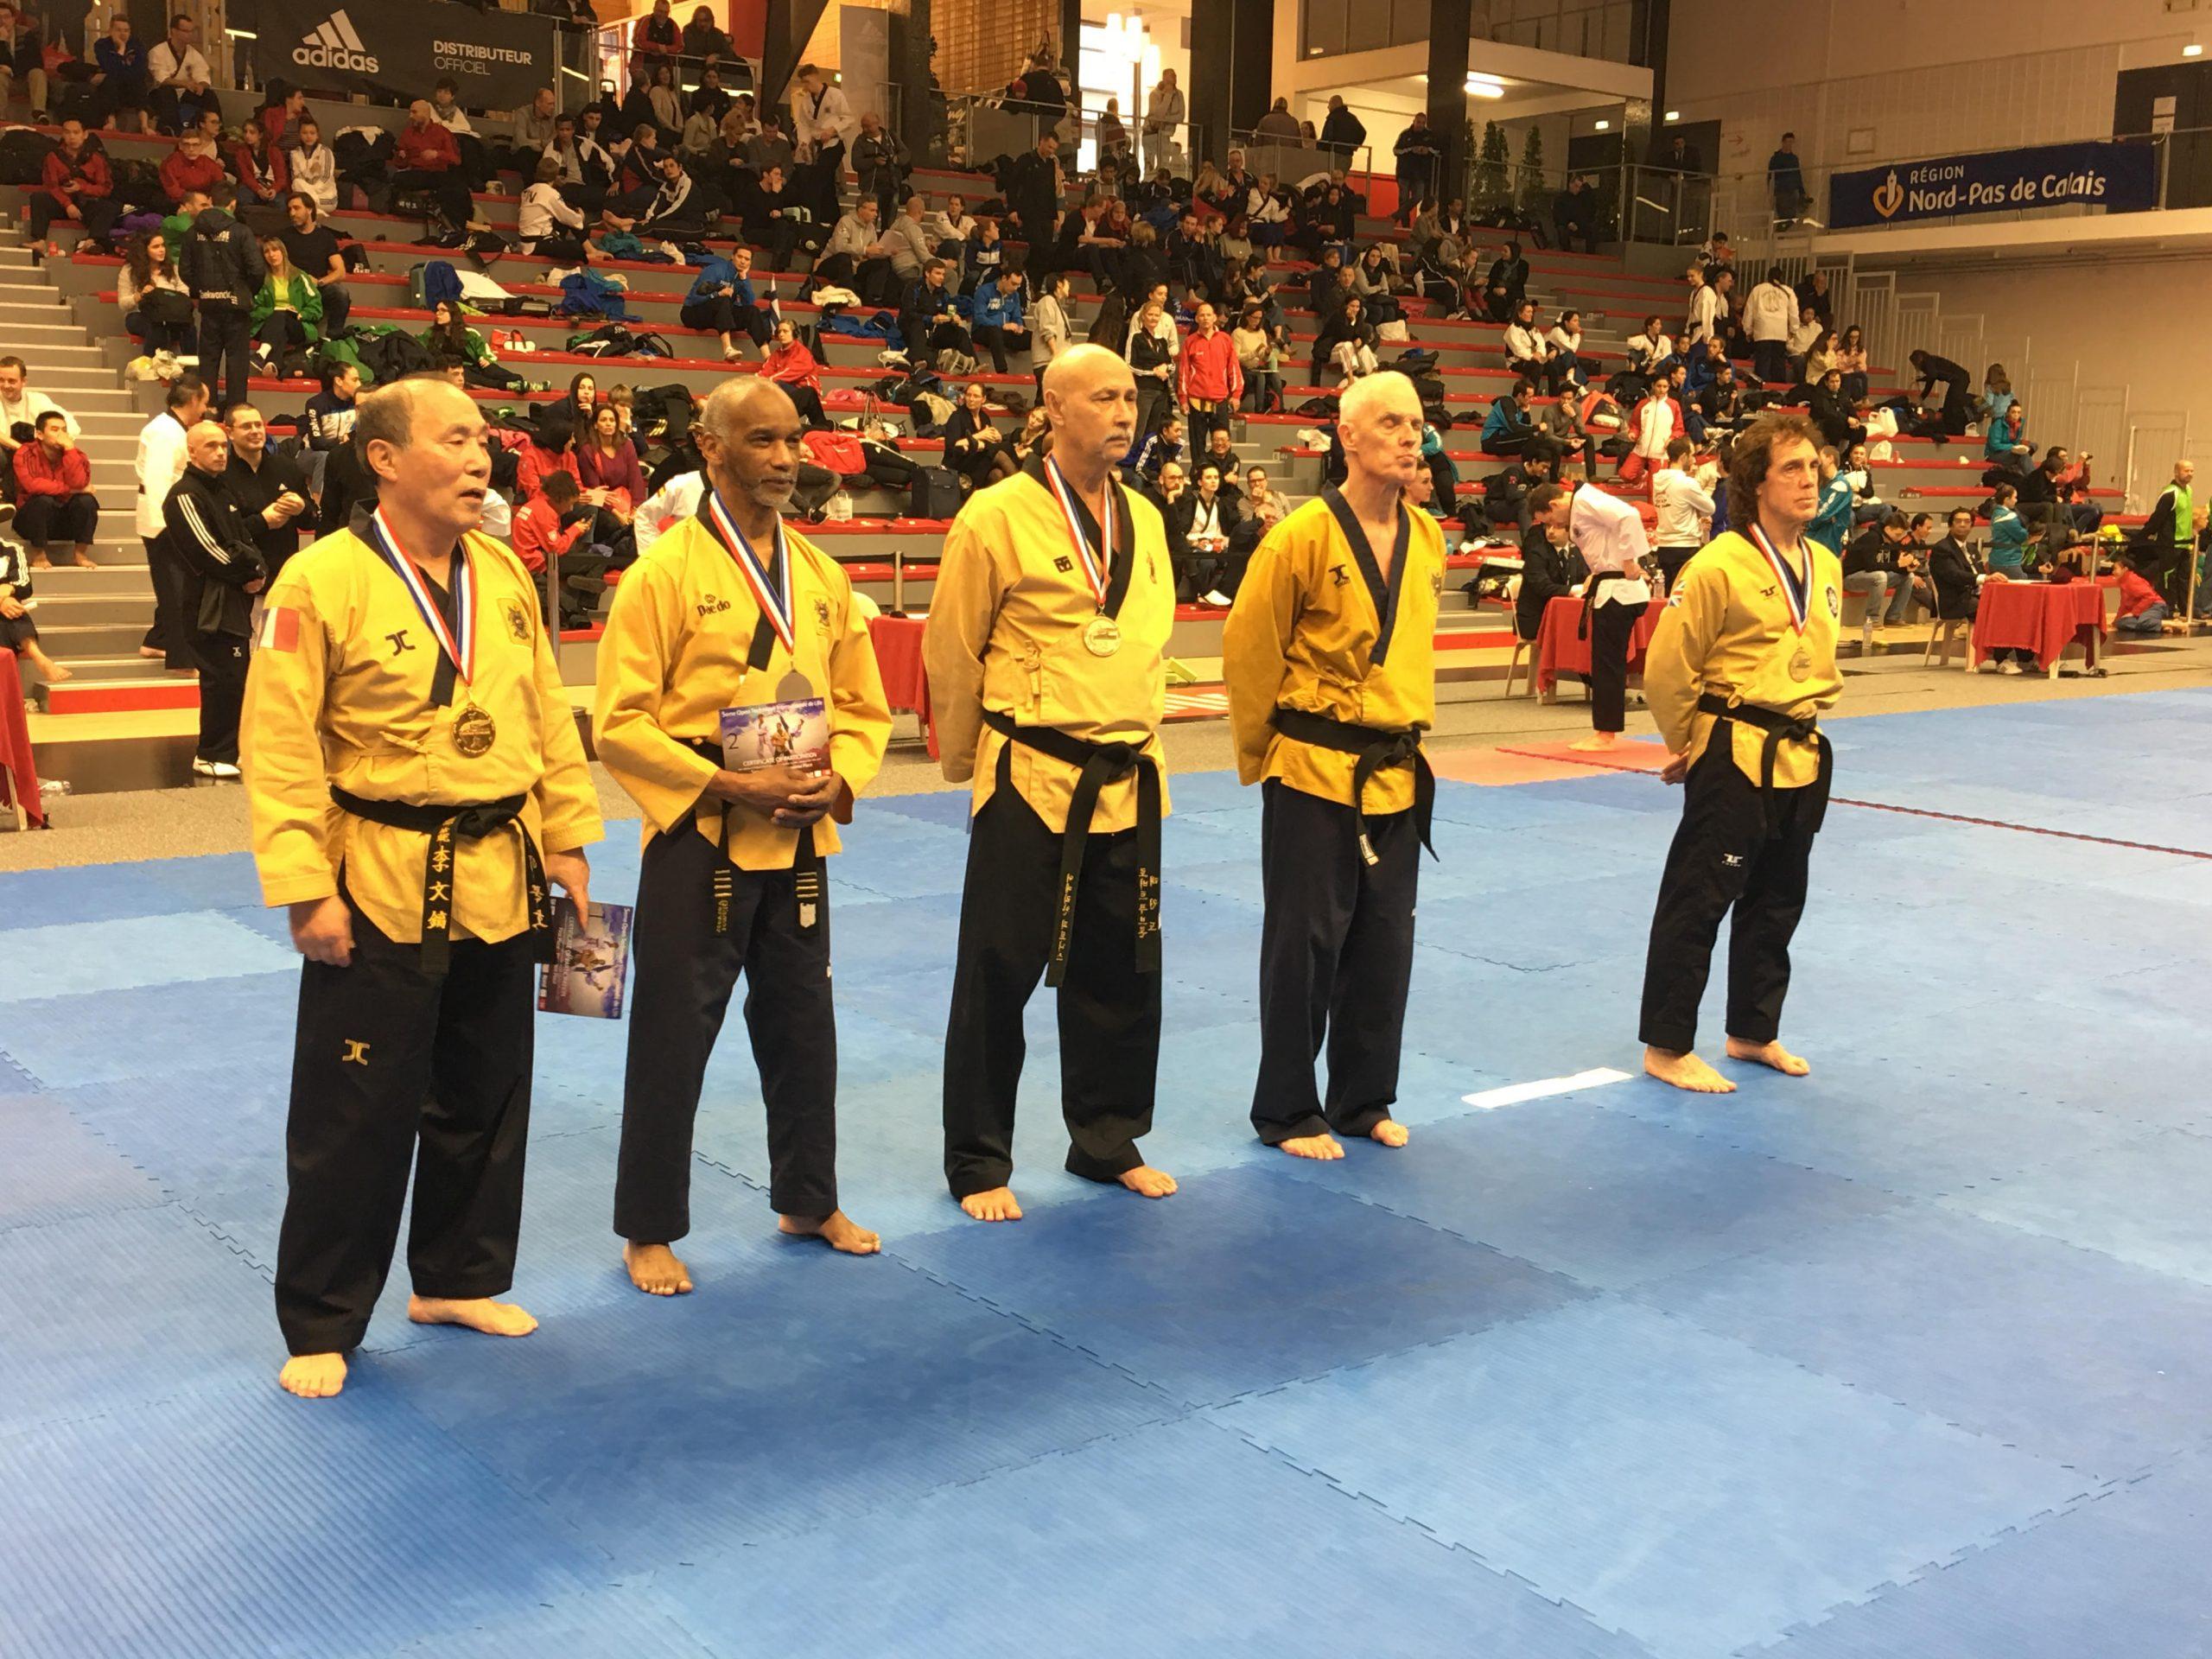 Médaillé d'or au 5E OPEN INTERNATIONAL de LILLE, France